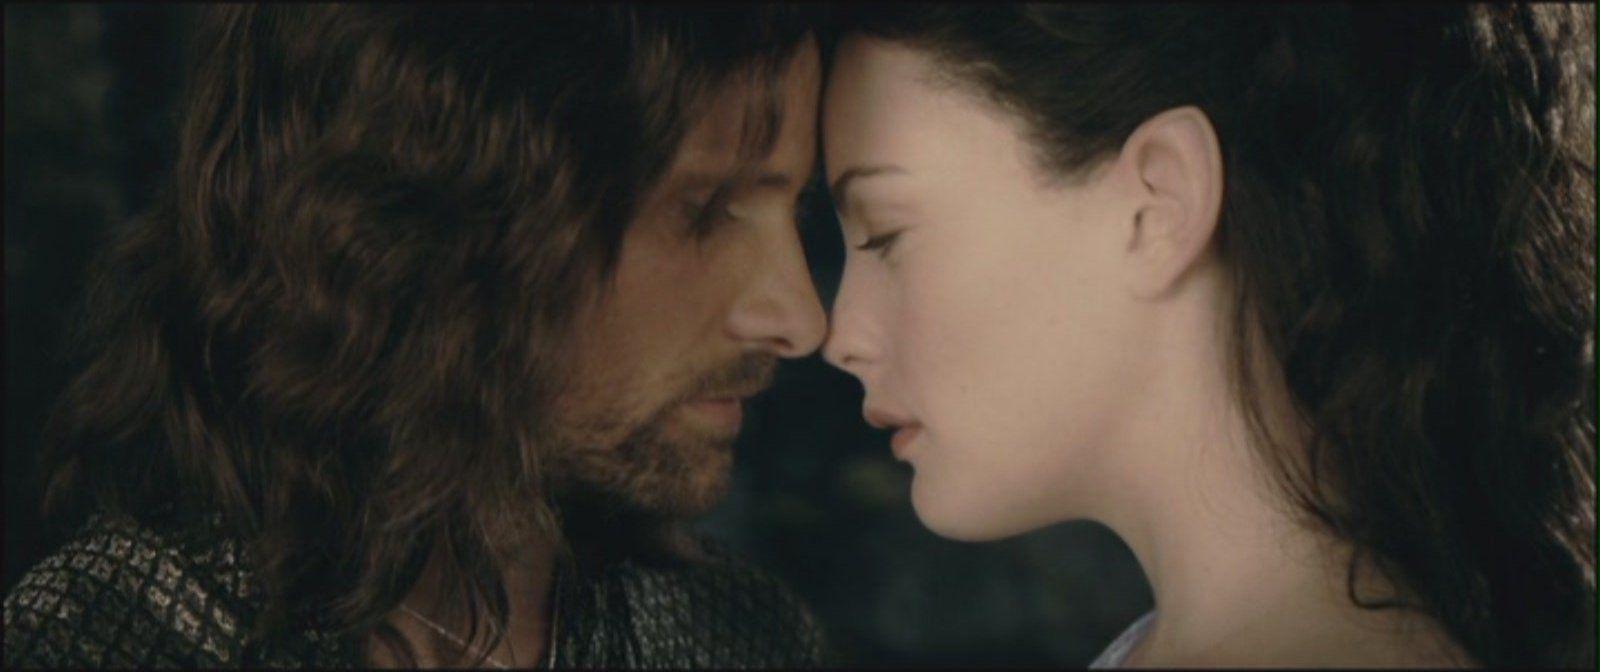 ¿ Qué relación de parentesco une a Aragorn y a Arwen a parte del matrimonio?